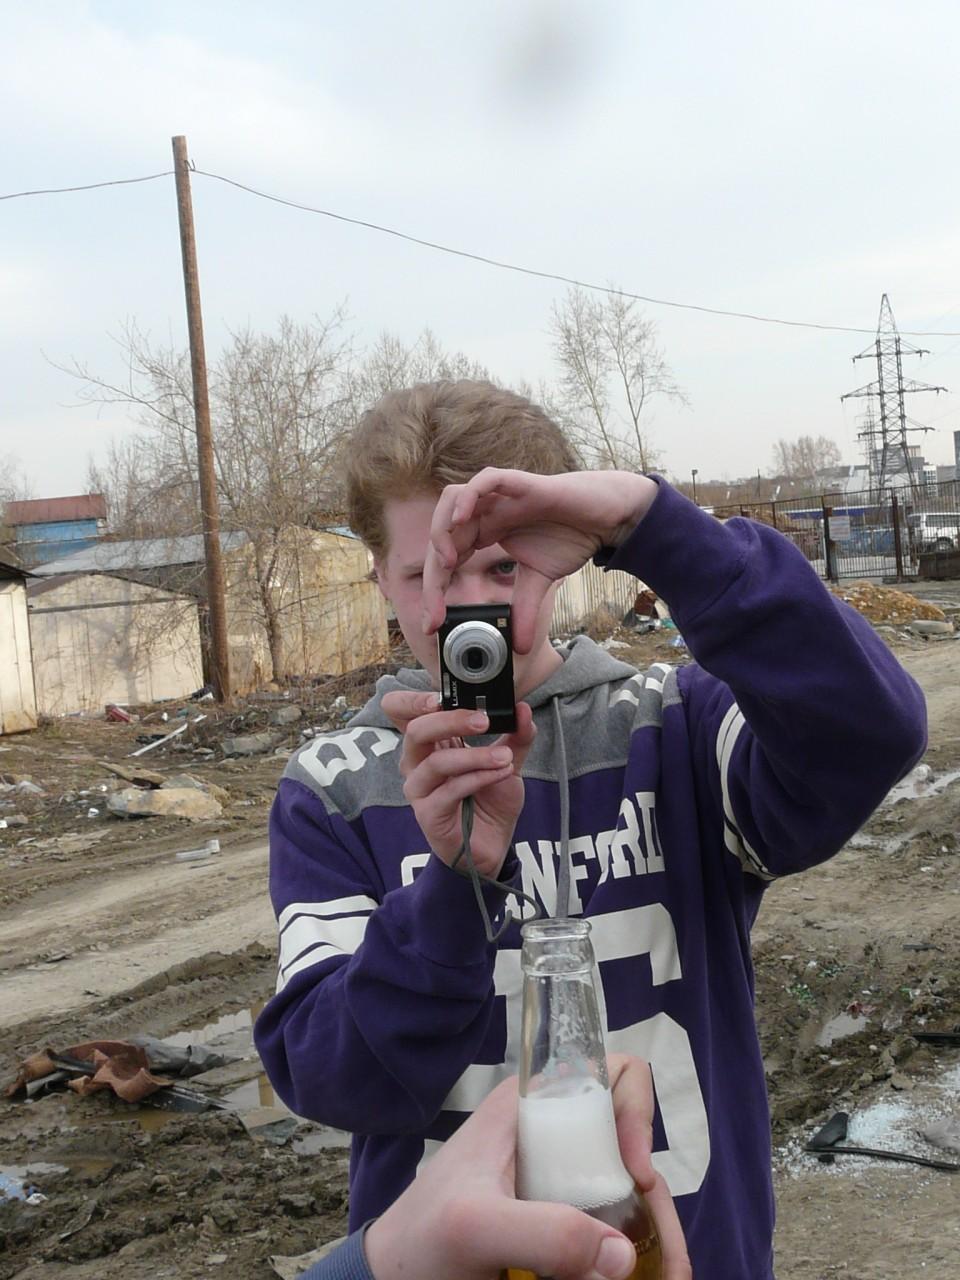 Проститутки екатеринбурга на пехотинцев 11 фотография